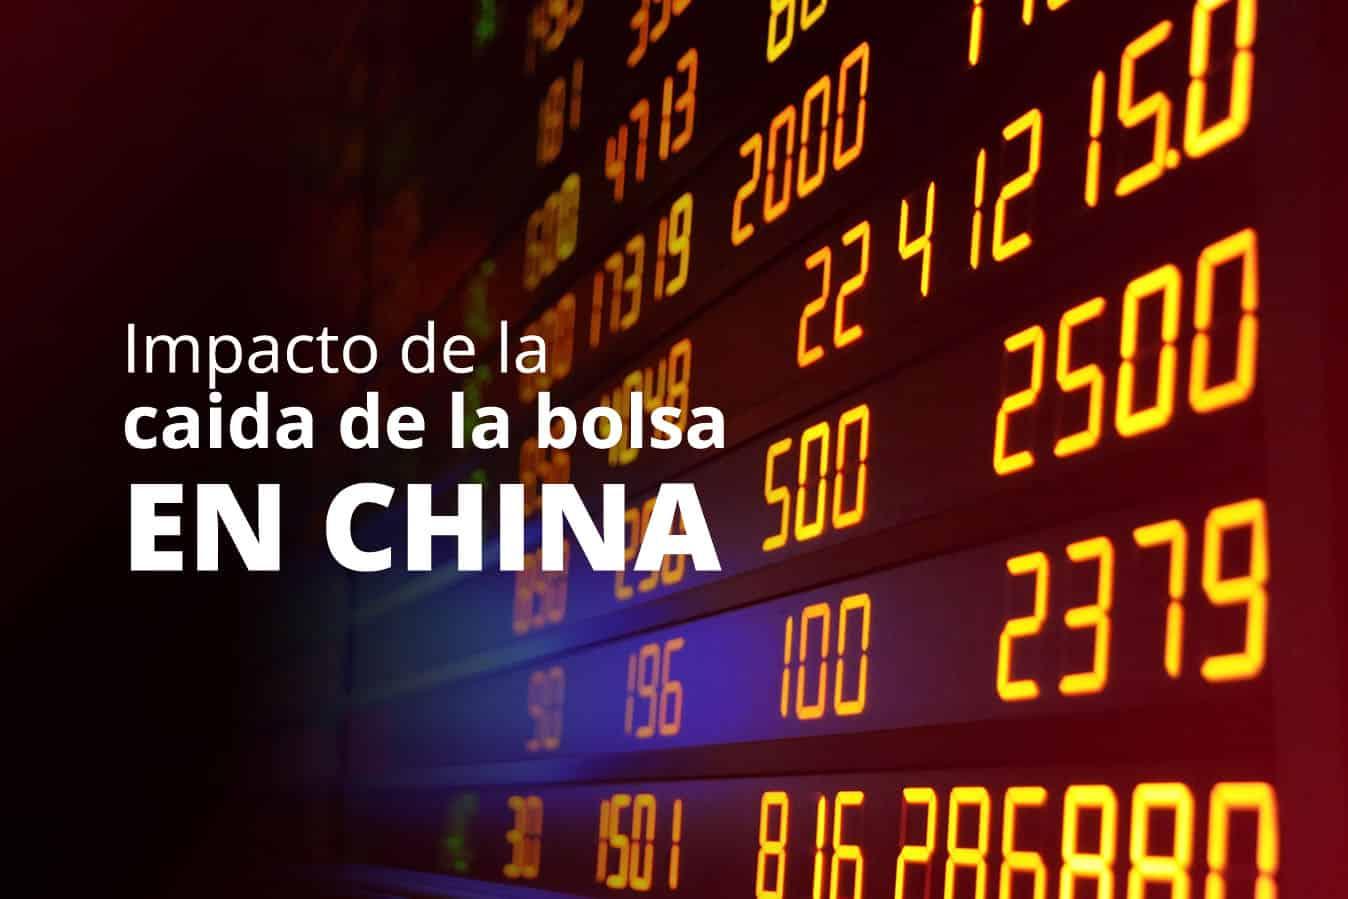 La caída de la bolsa asiática en su primer día del año 2016 golpea fuertemente a mercados de Europa, EU y México